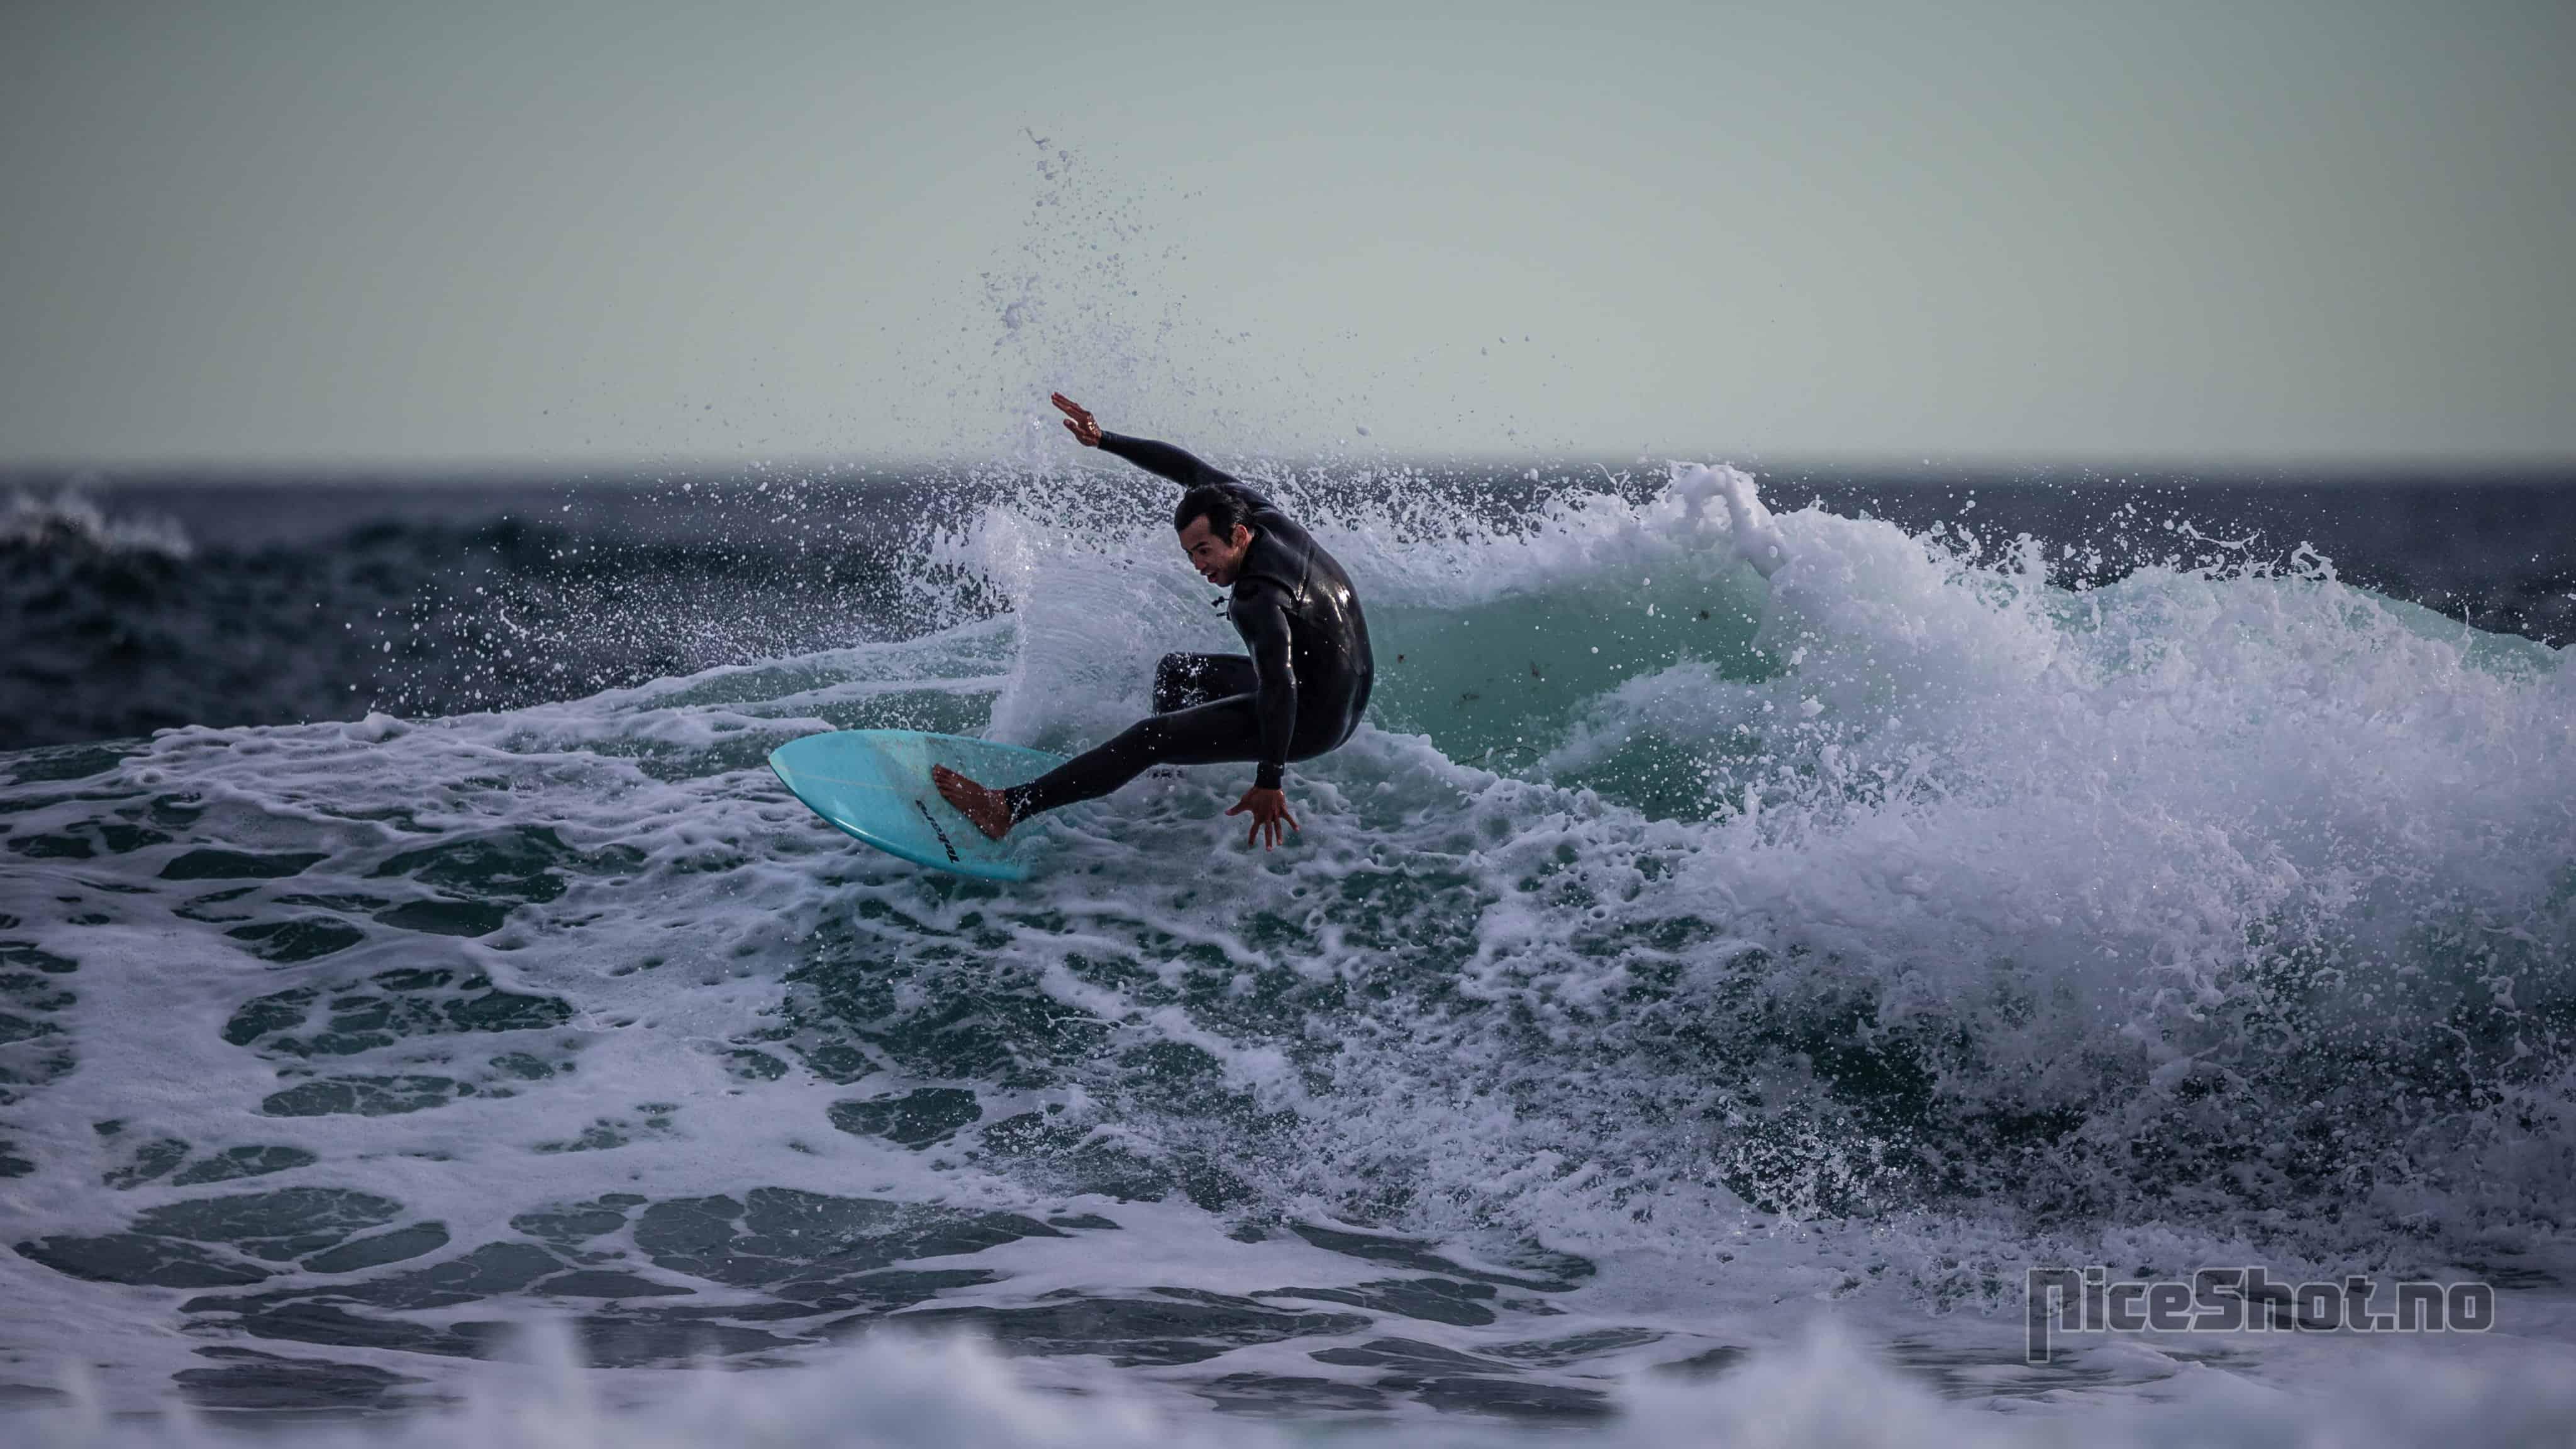 Bobby Bachtiar ripping. Foto: Tom Ivar Arntsen @NiceShot.no